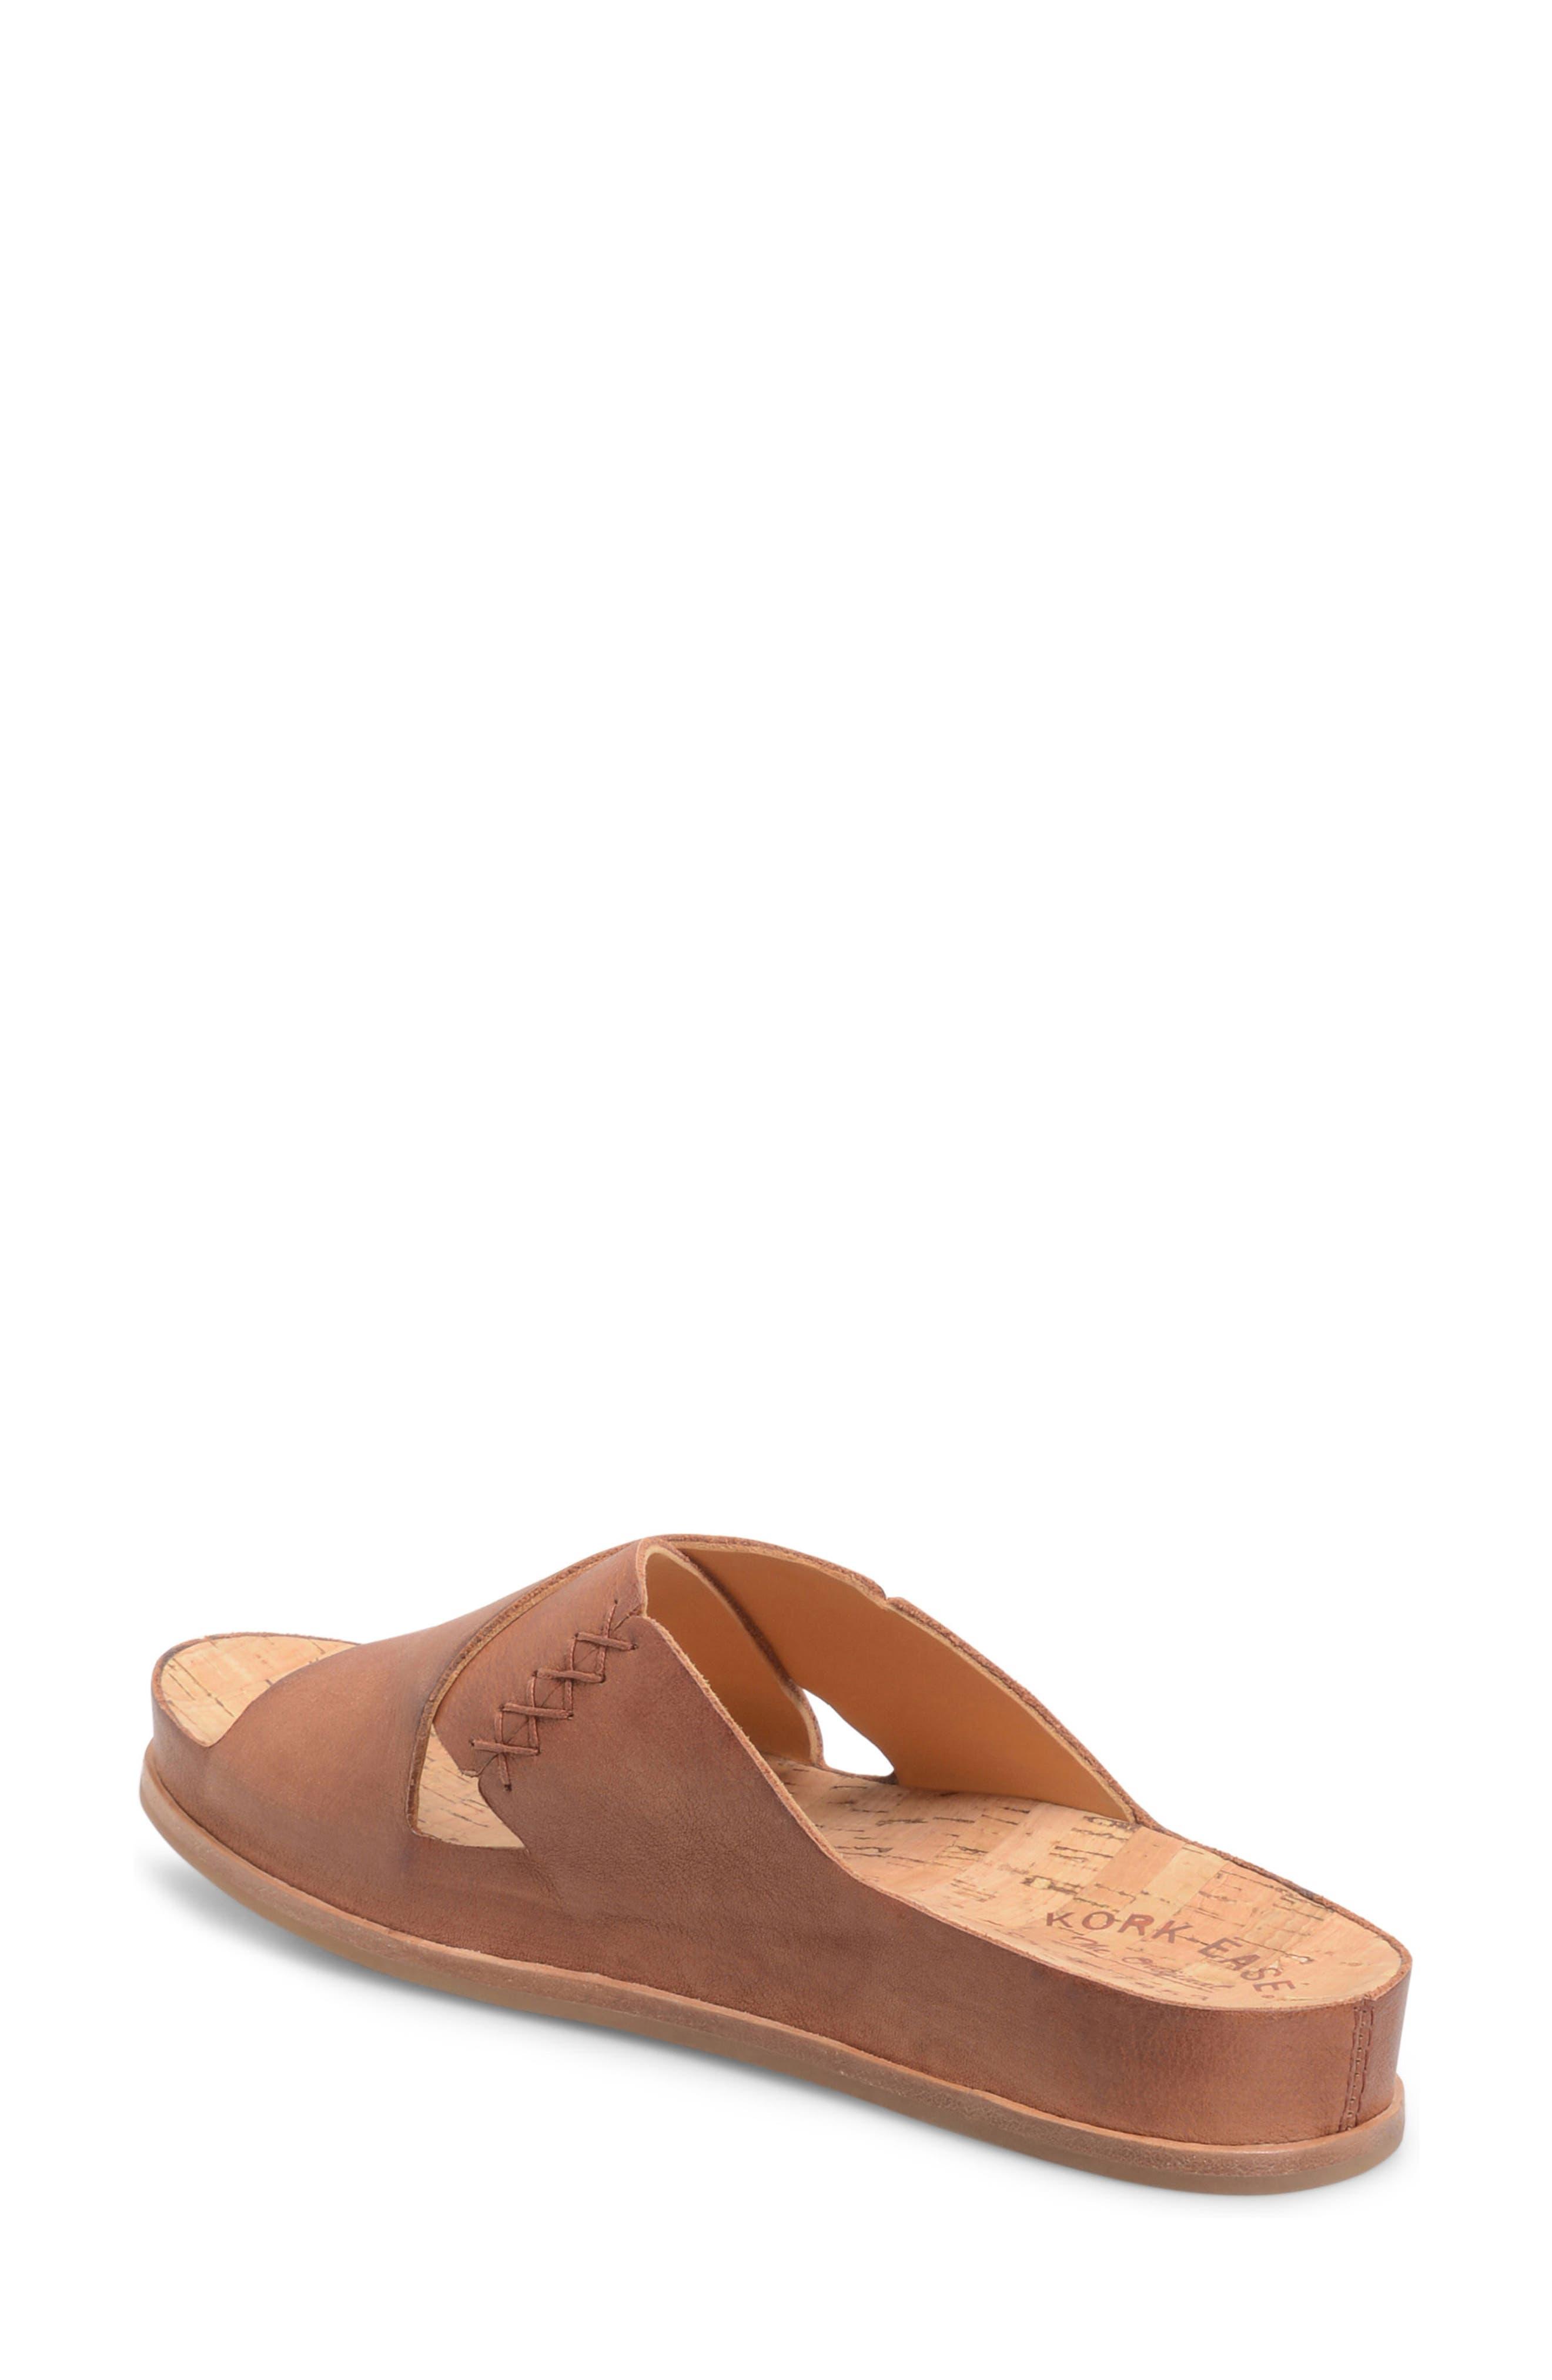 Alternate Image 2  - Kork-Ease® Amboy Slide Sandal (Women)